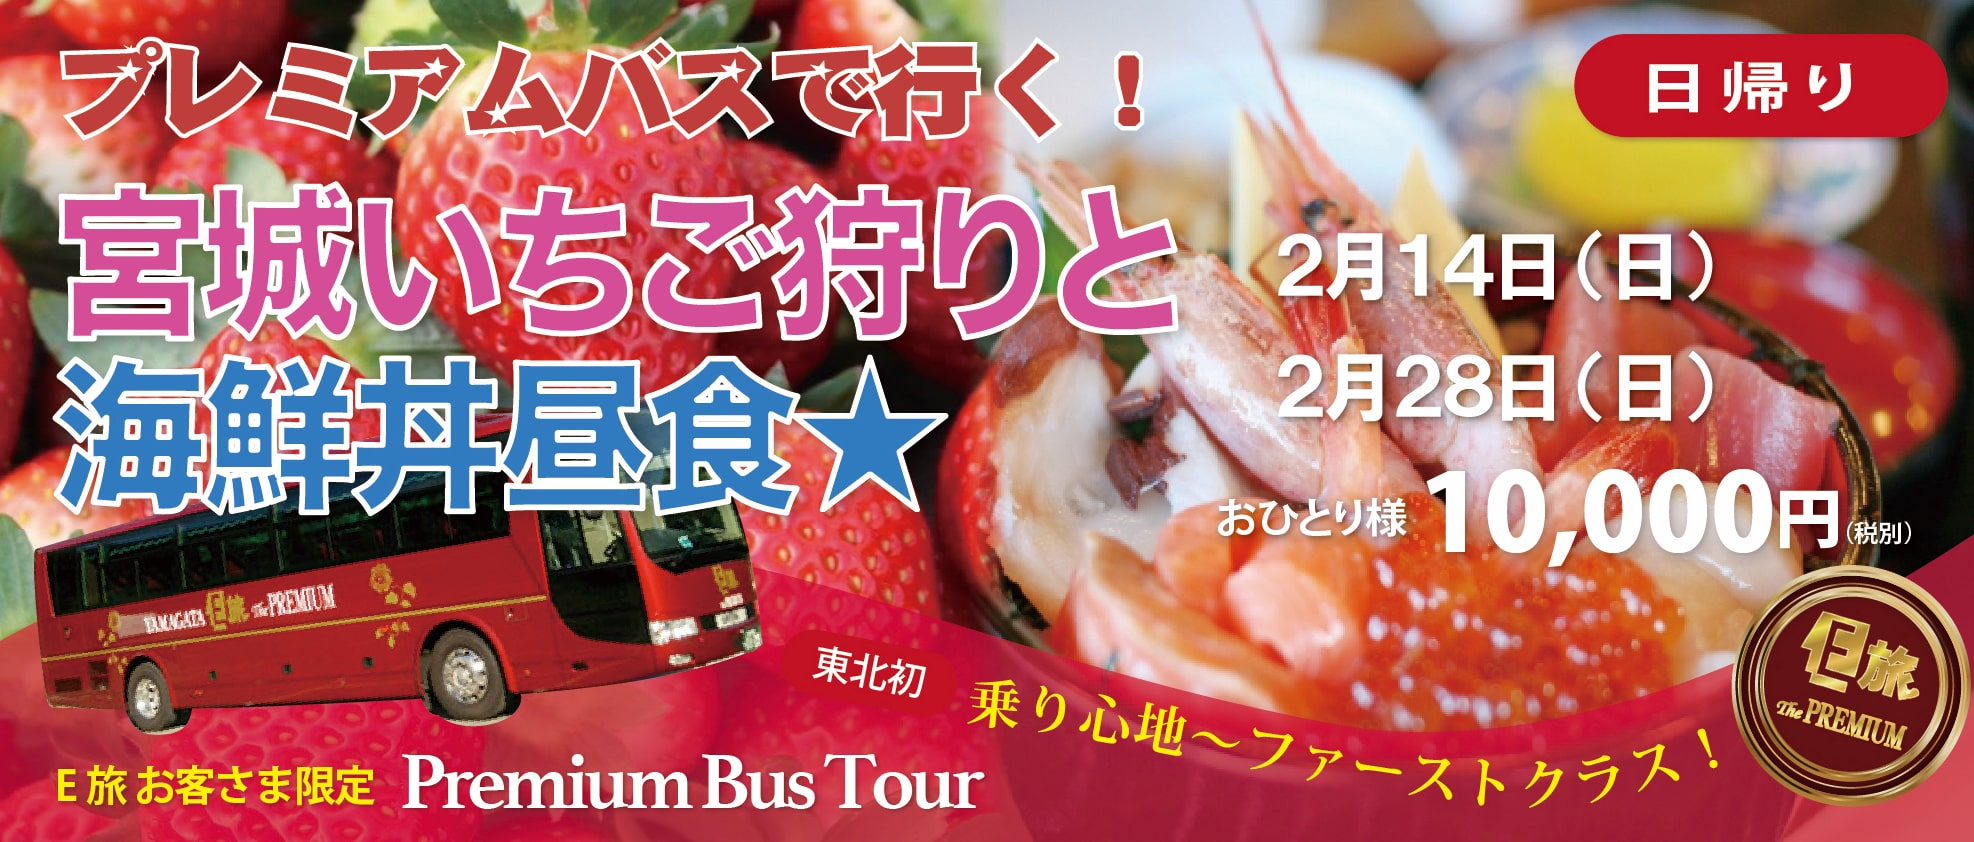 プレミアムバスで行く!宮城いちご狩りと海鮮丼ツアー★